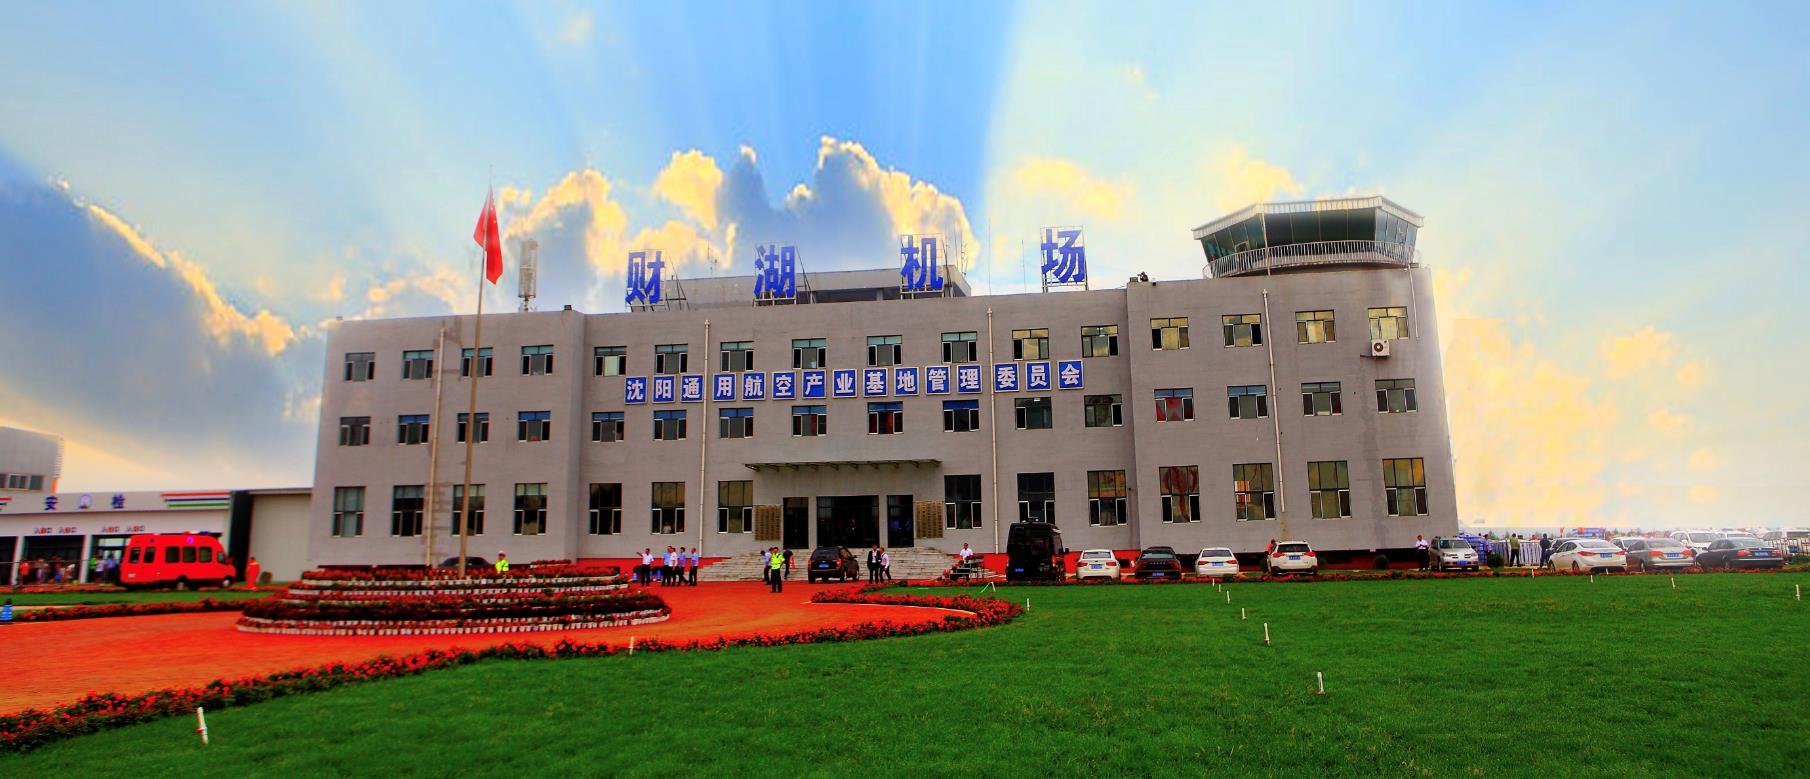 财胡机场主楼修1.jpg